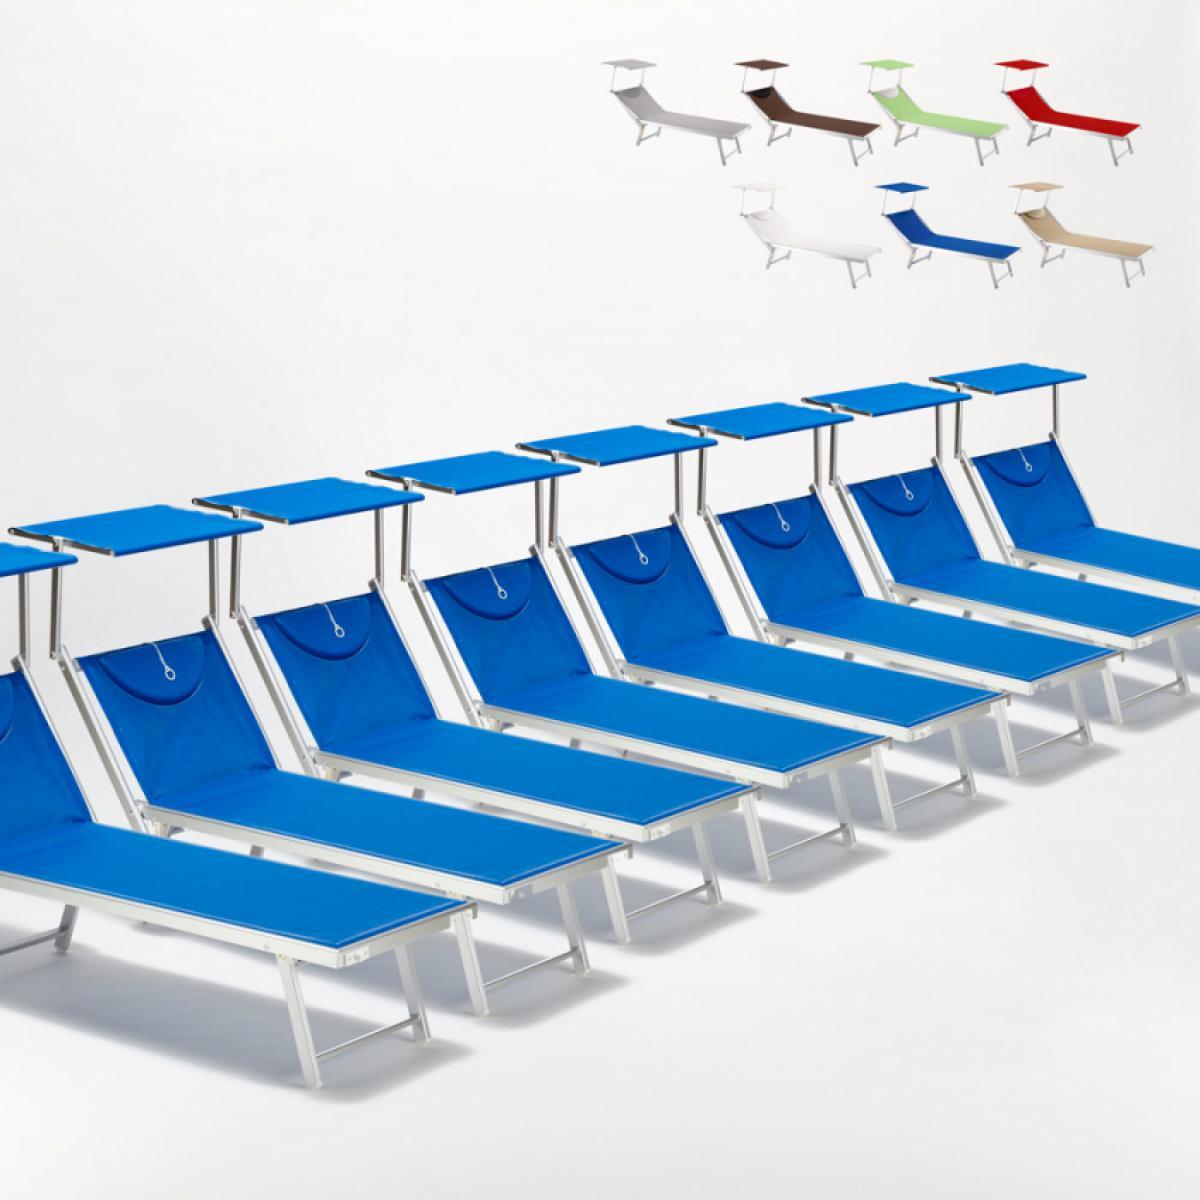 Beach And Garden Design Bain de soleil chaises longue transats Lits de plage piscine aluminium jardin Santorini 20 pcs, Couleur: Bleu